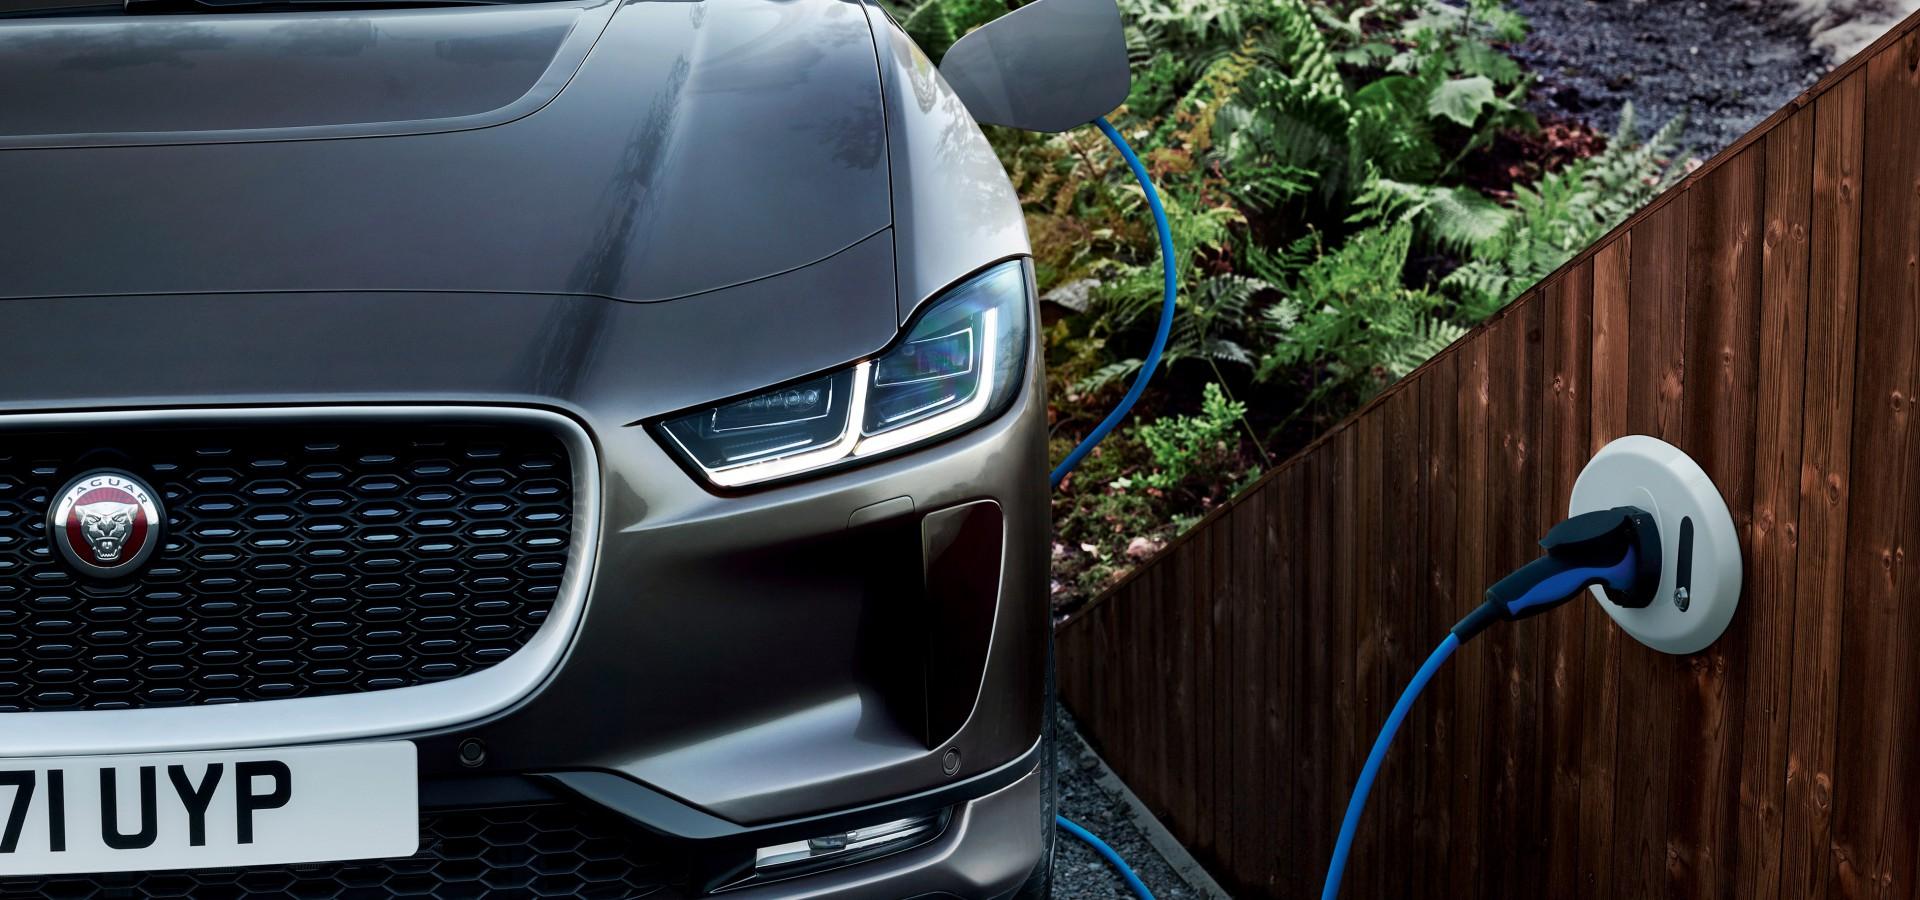 Elektrische Auto S Winnen Aan Populariteit Fleximo